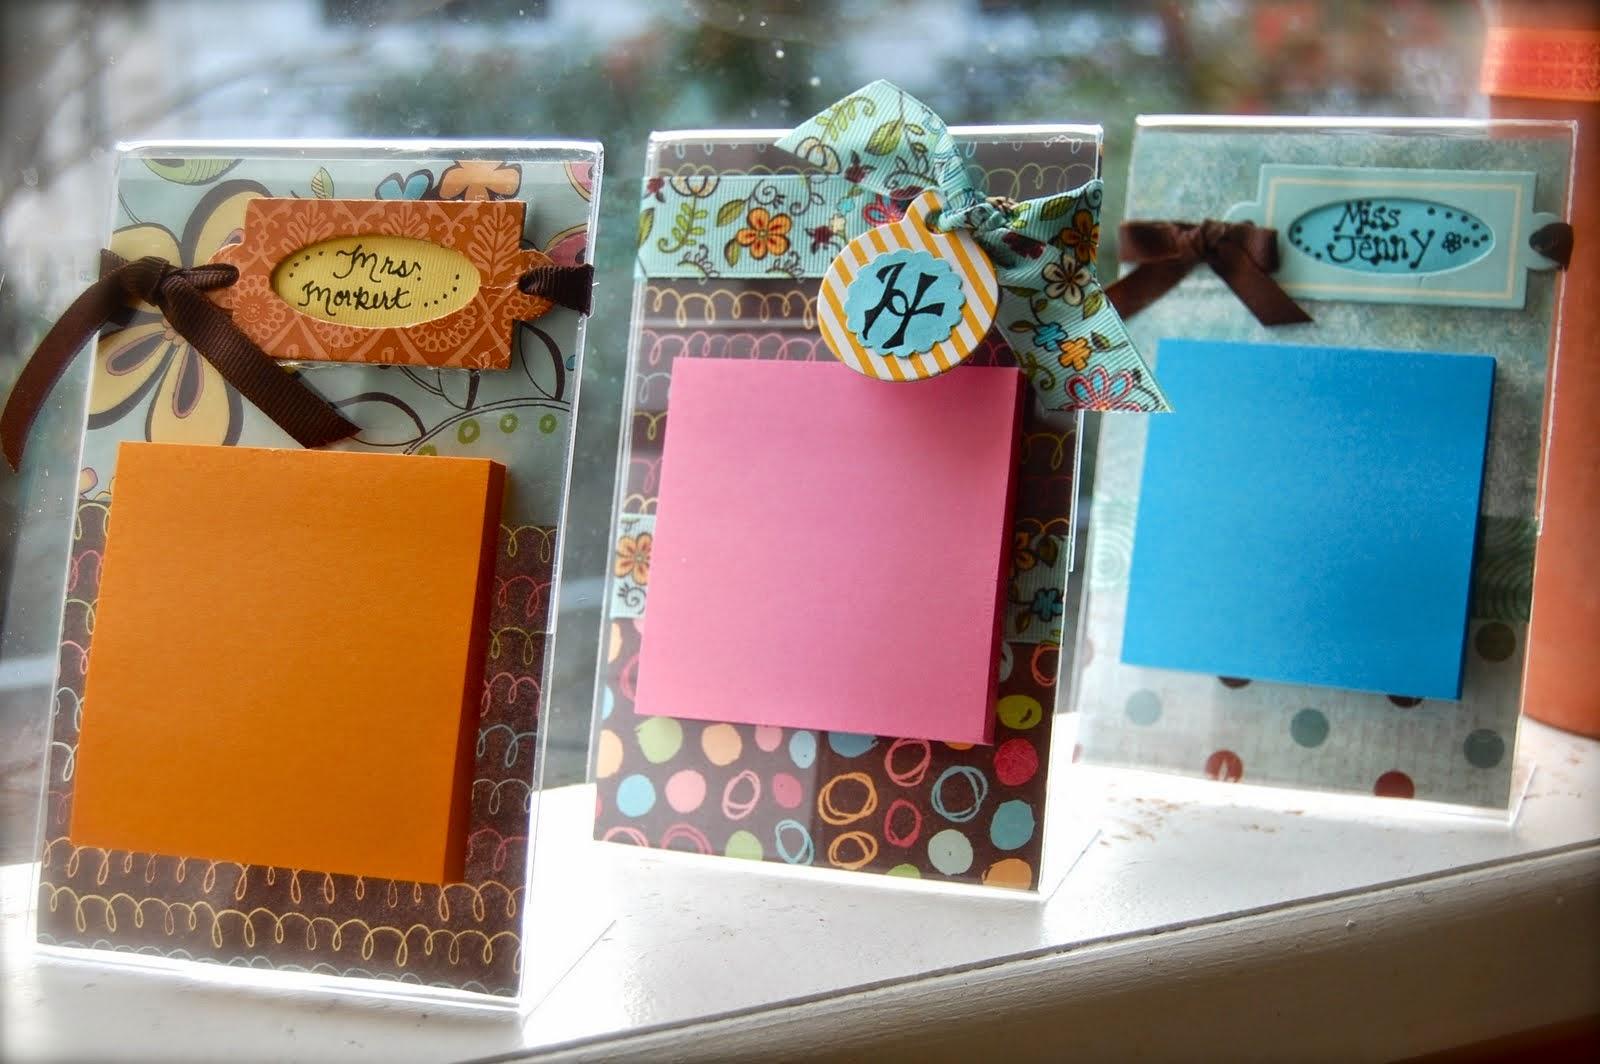 Scrapbook ideas for teachers - 10 Clever Diy Gift Ideas For Teachers No Mugs Allowed